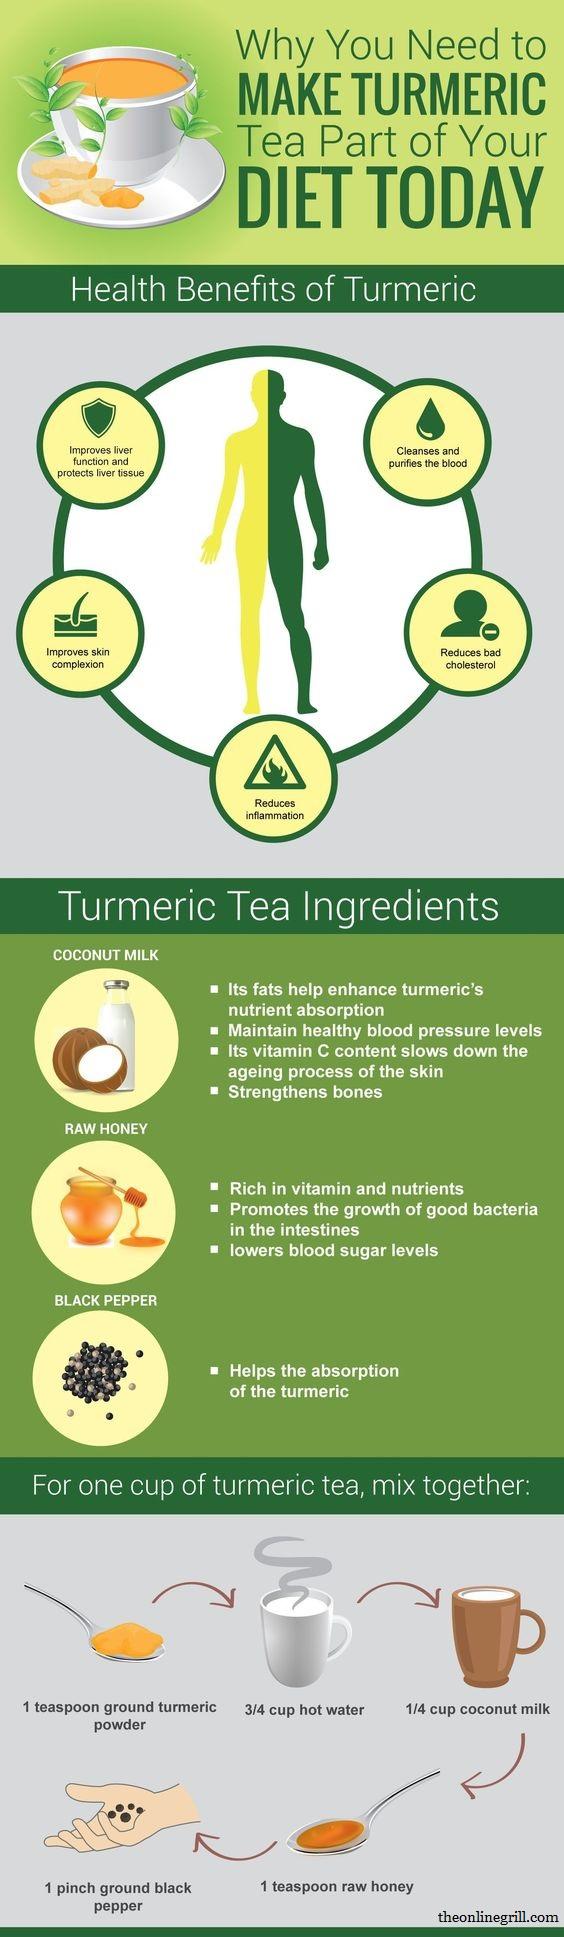 turmeric-1.jpg